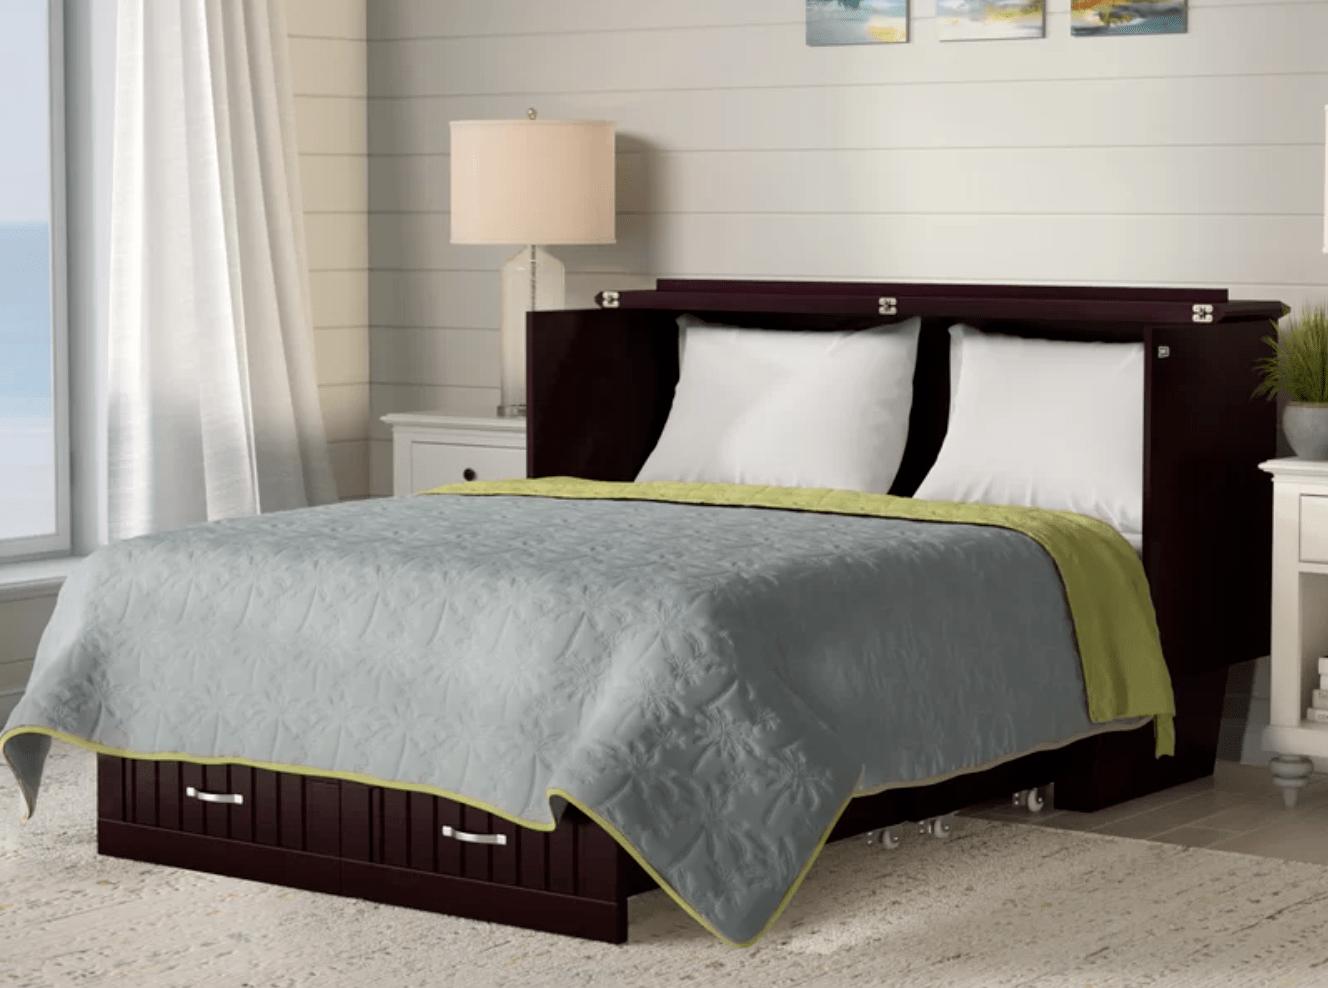 Best Storage Beds; Graham Queen Storage Murphy Bed with Mattress